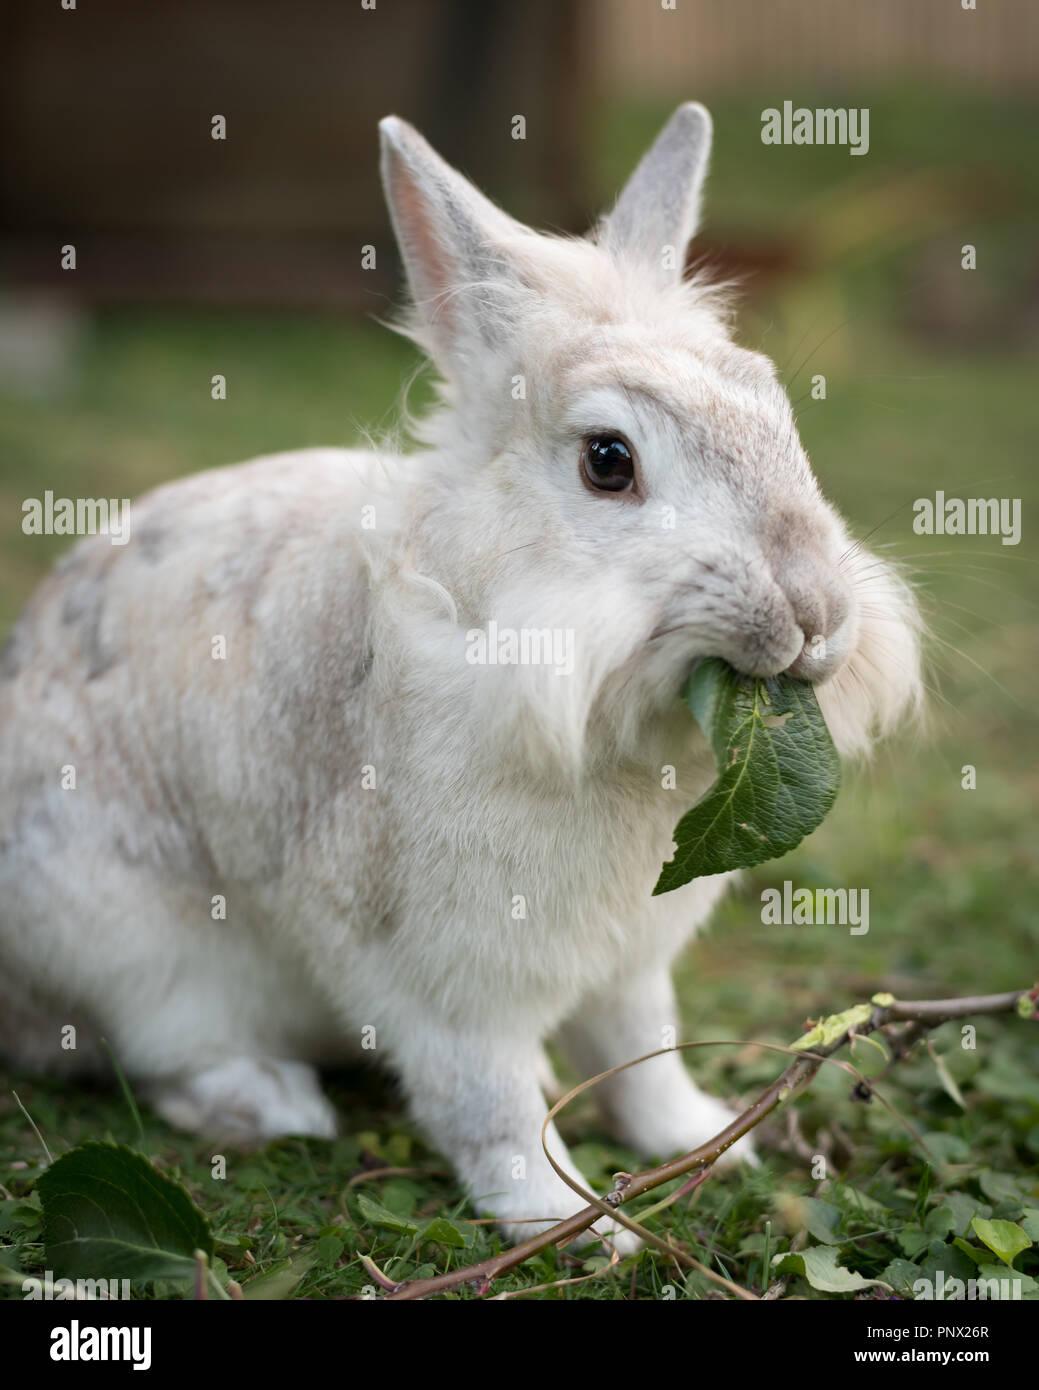 Un lapin nain blanc (lions head) manger une feuille Banque D'Images